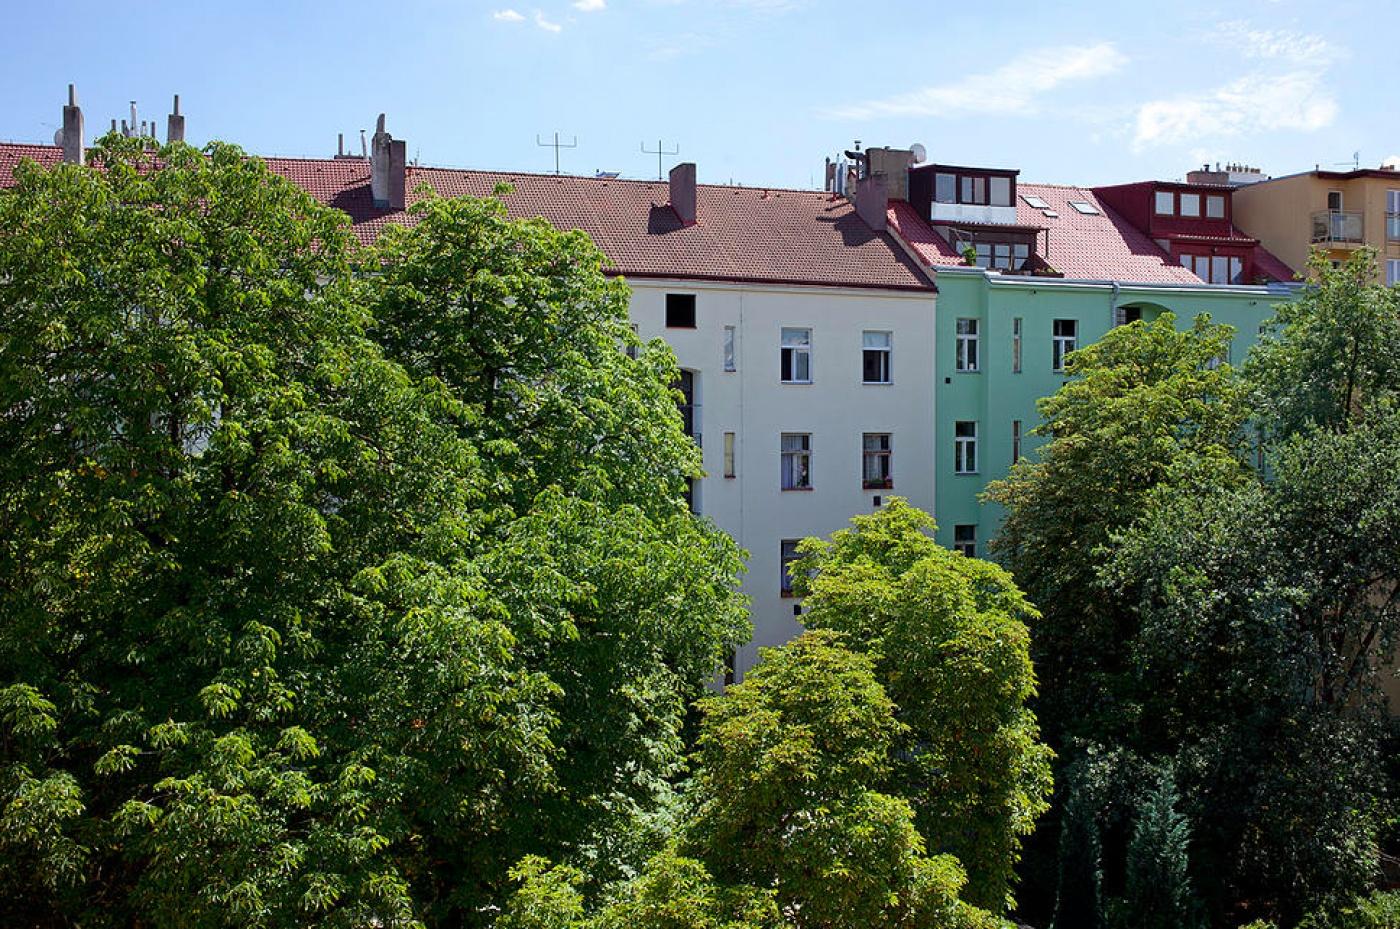 Developerský projekt Bořivojova III, ulice Bořivojova, Praha 3 - Žižkov | 3